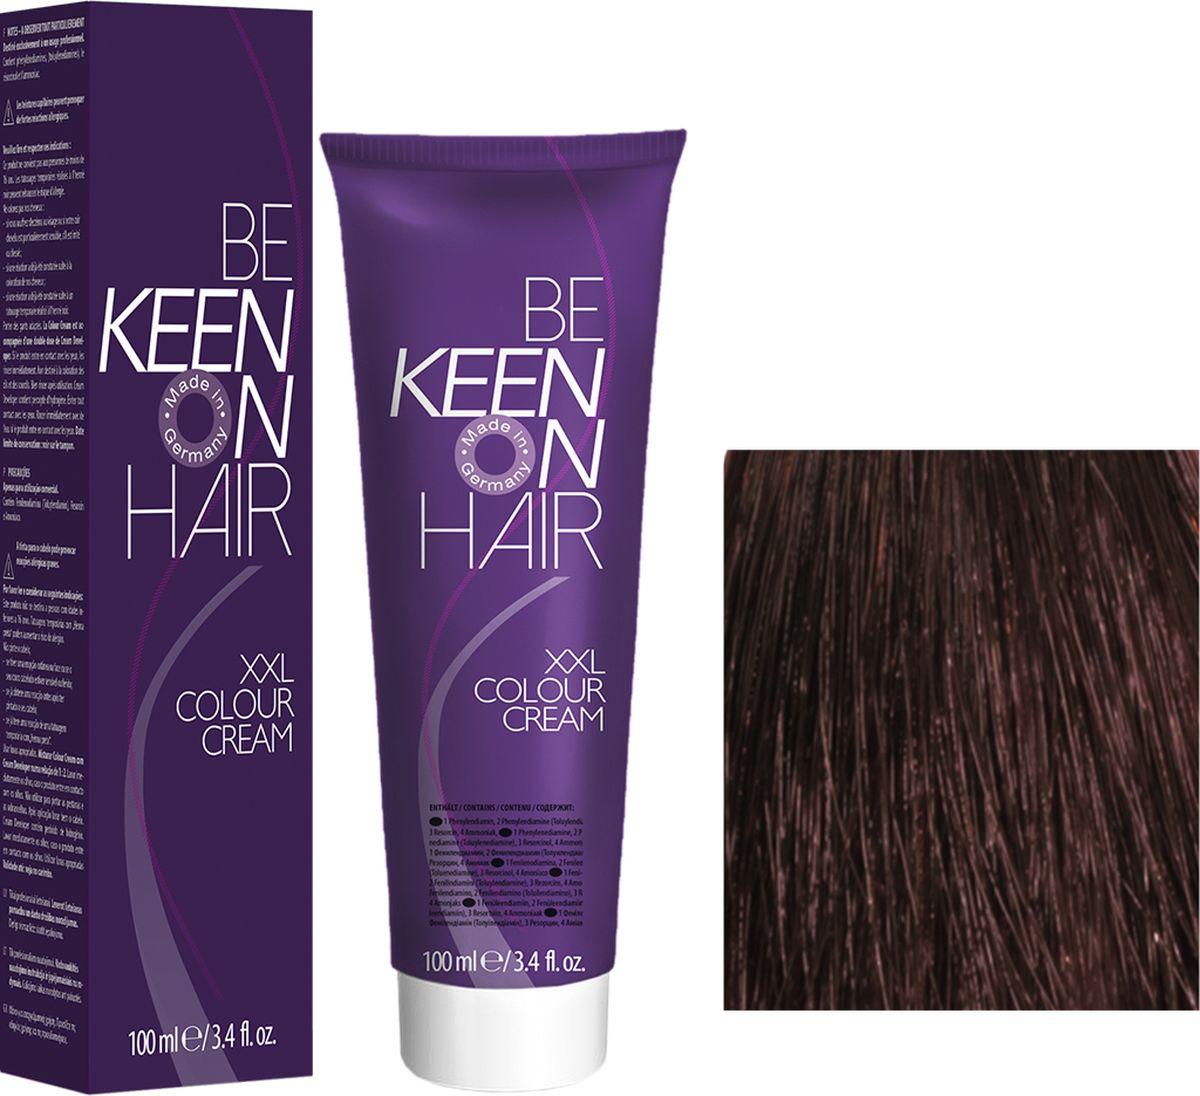 Keen Краска для волос 4.75 Махагон Mahagoni, 100 мл69100017Модные оттенкиБолее 100 оттенков для креативной комбинации цветов.ЭкономичностьПри использовании тюбика 100 мл вы получаете оптимальное соотношение цены и качества!УходМолочный белок поддерживает структуру волоса во время окрашивания и придает волосам блеск и шелковистость. Протеины хорошо встраиваются в волосы и снабжают их влагой.